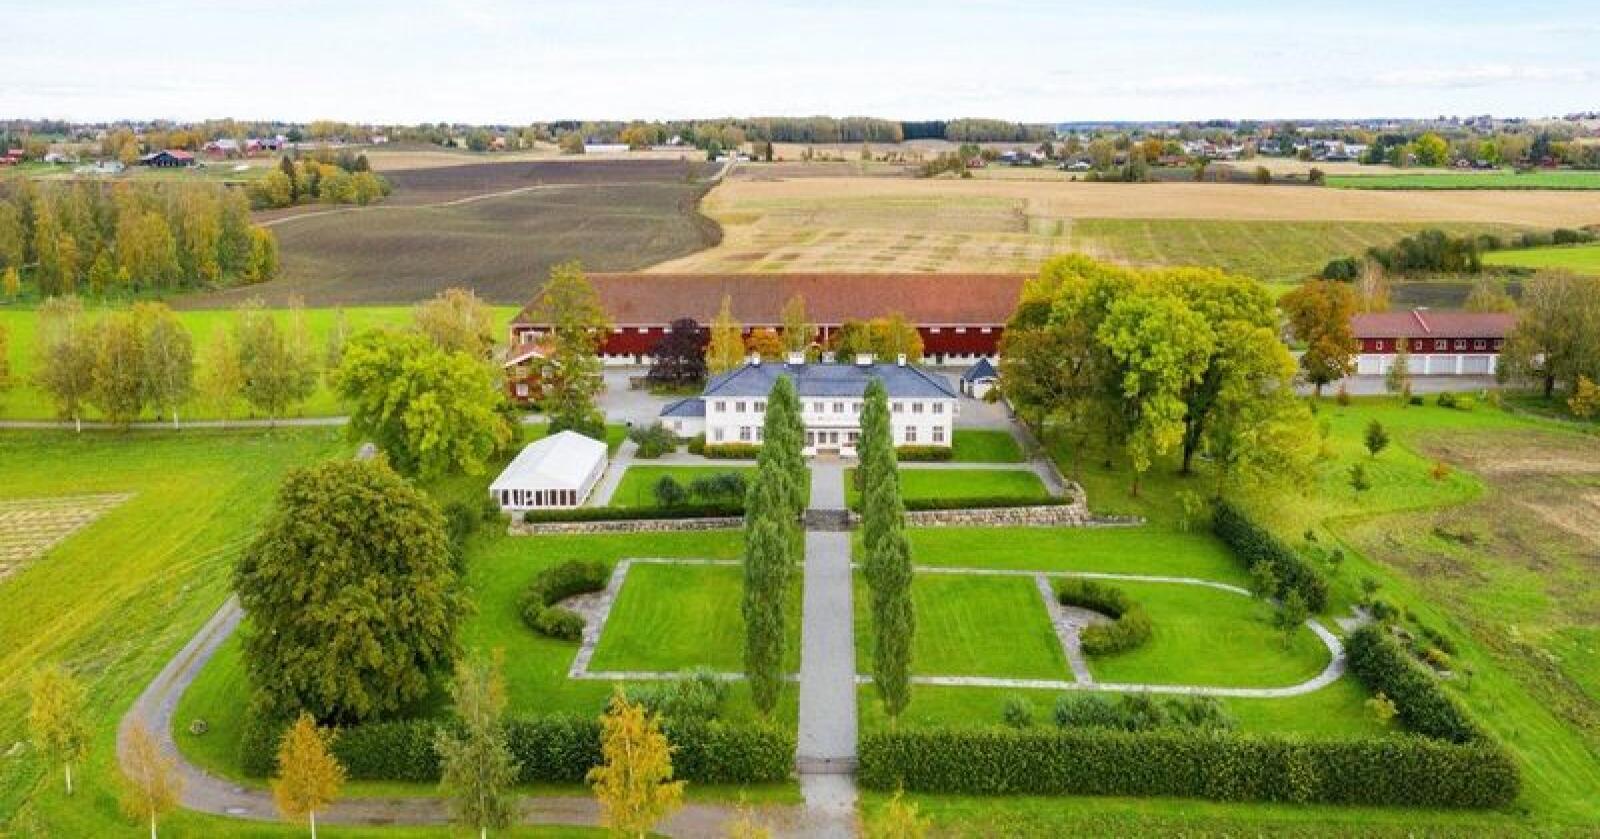 Staur Gård ligger i Stange, og eies i dag av Landbruks- og matdepartementet. Foto: Tegneby & Grønnerød Landbruksmegling